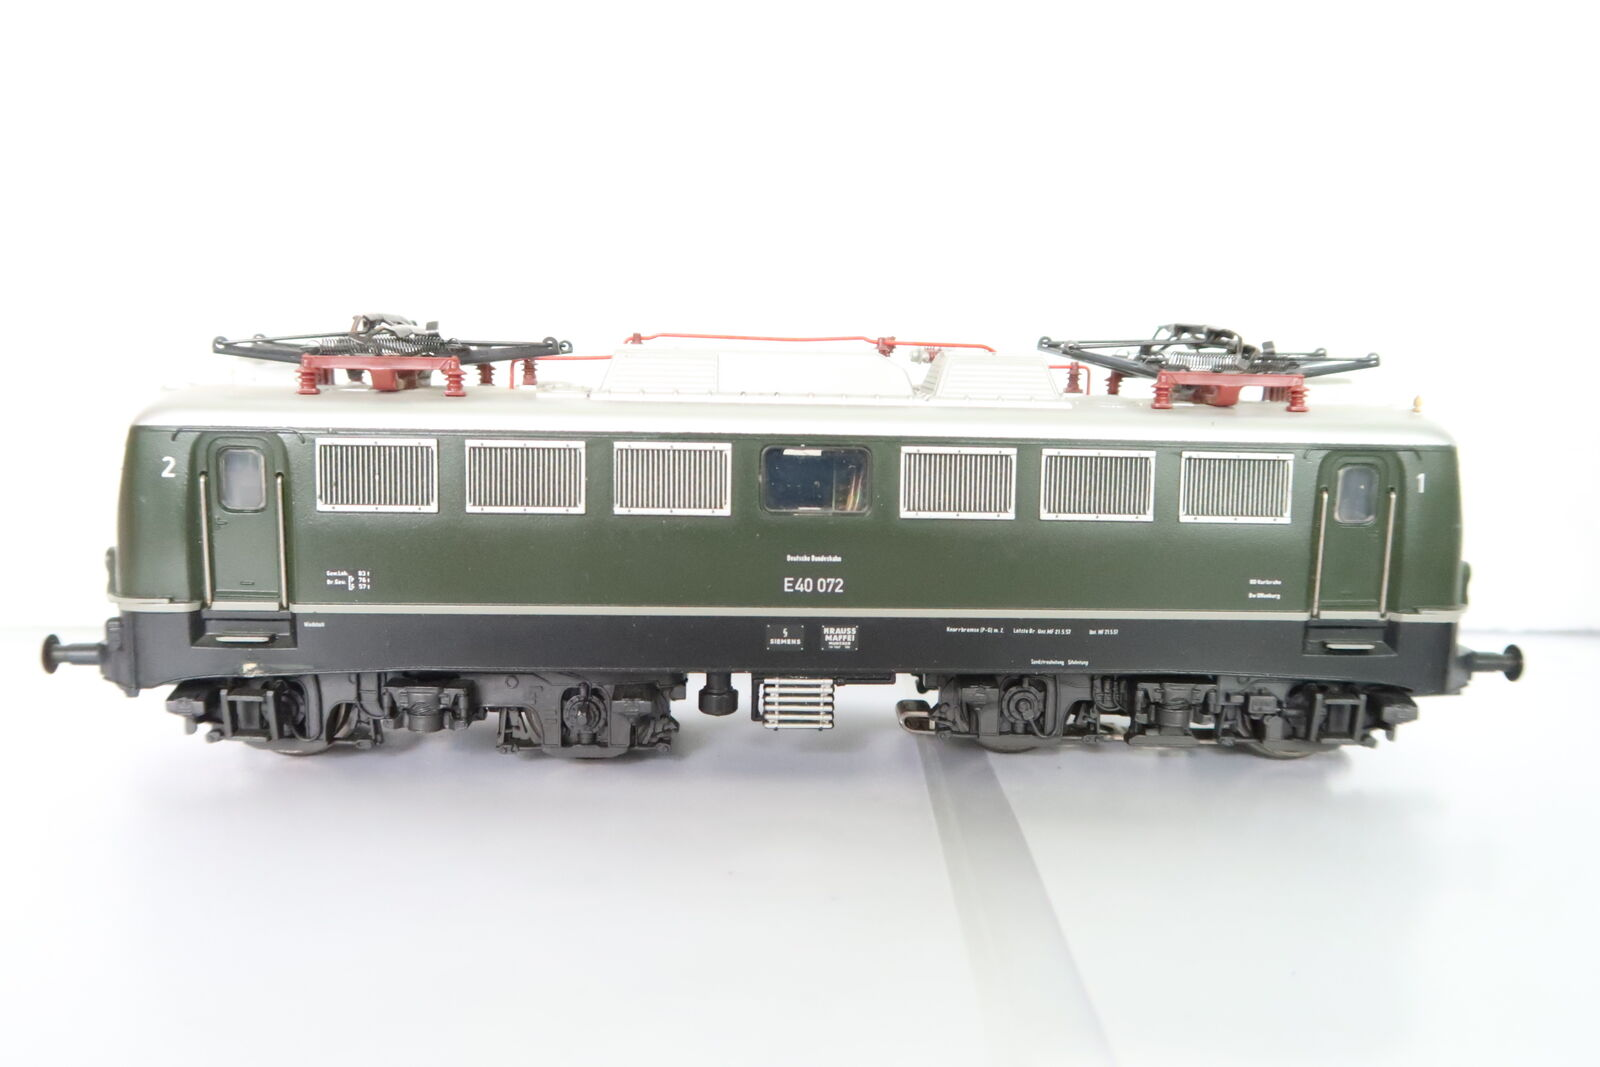 Digital marklin HO AC 29855 E-Lok E-Lok E-Lok BR e40 072 DB verde (da 47-75r2 0) a67ead